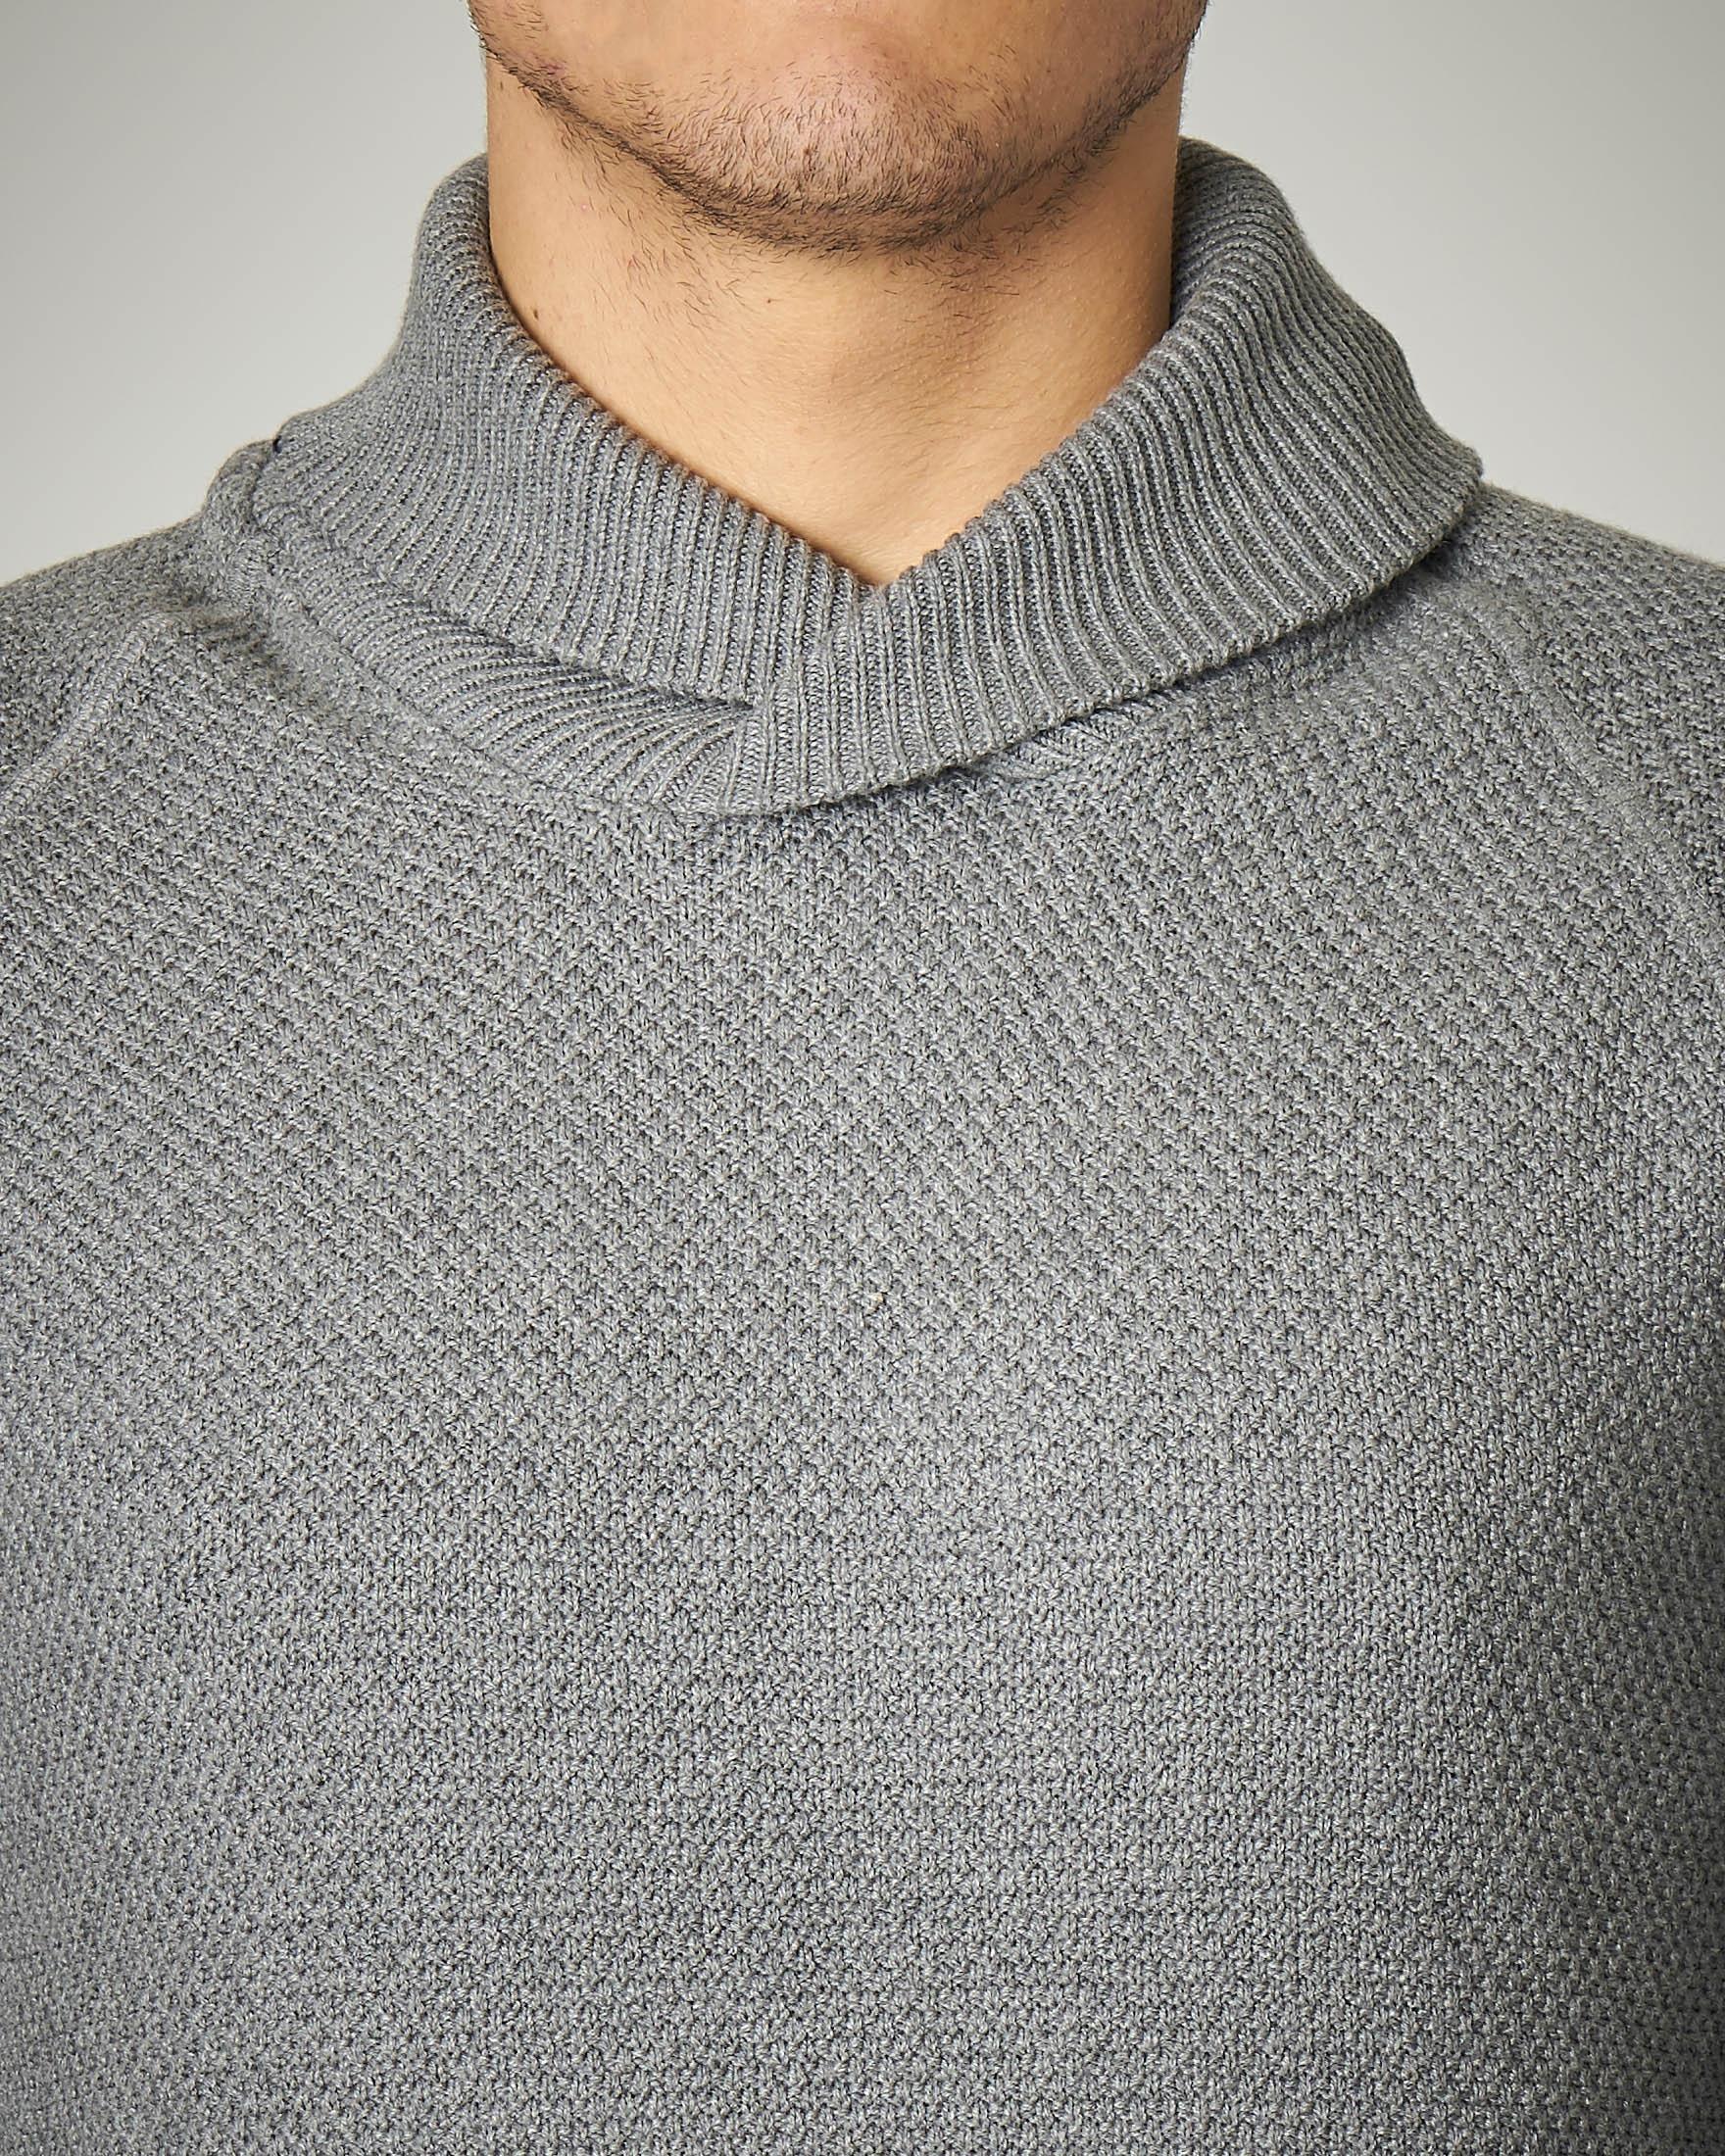 Maglia grigia in cotone con collo a scialle